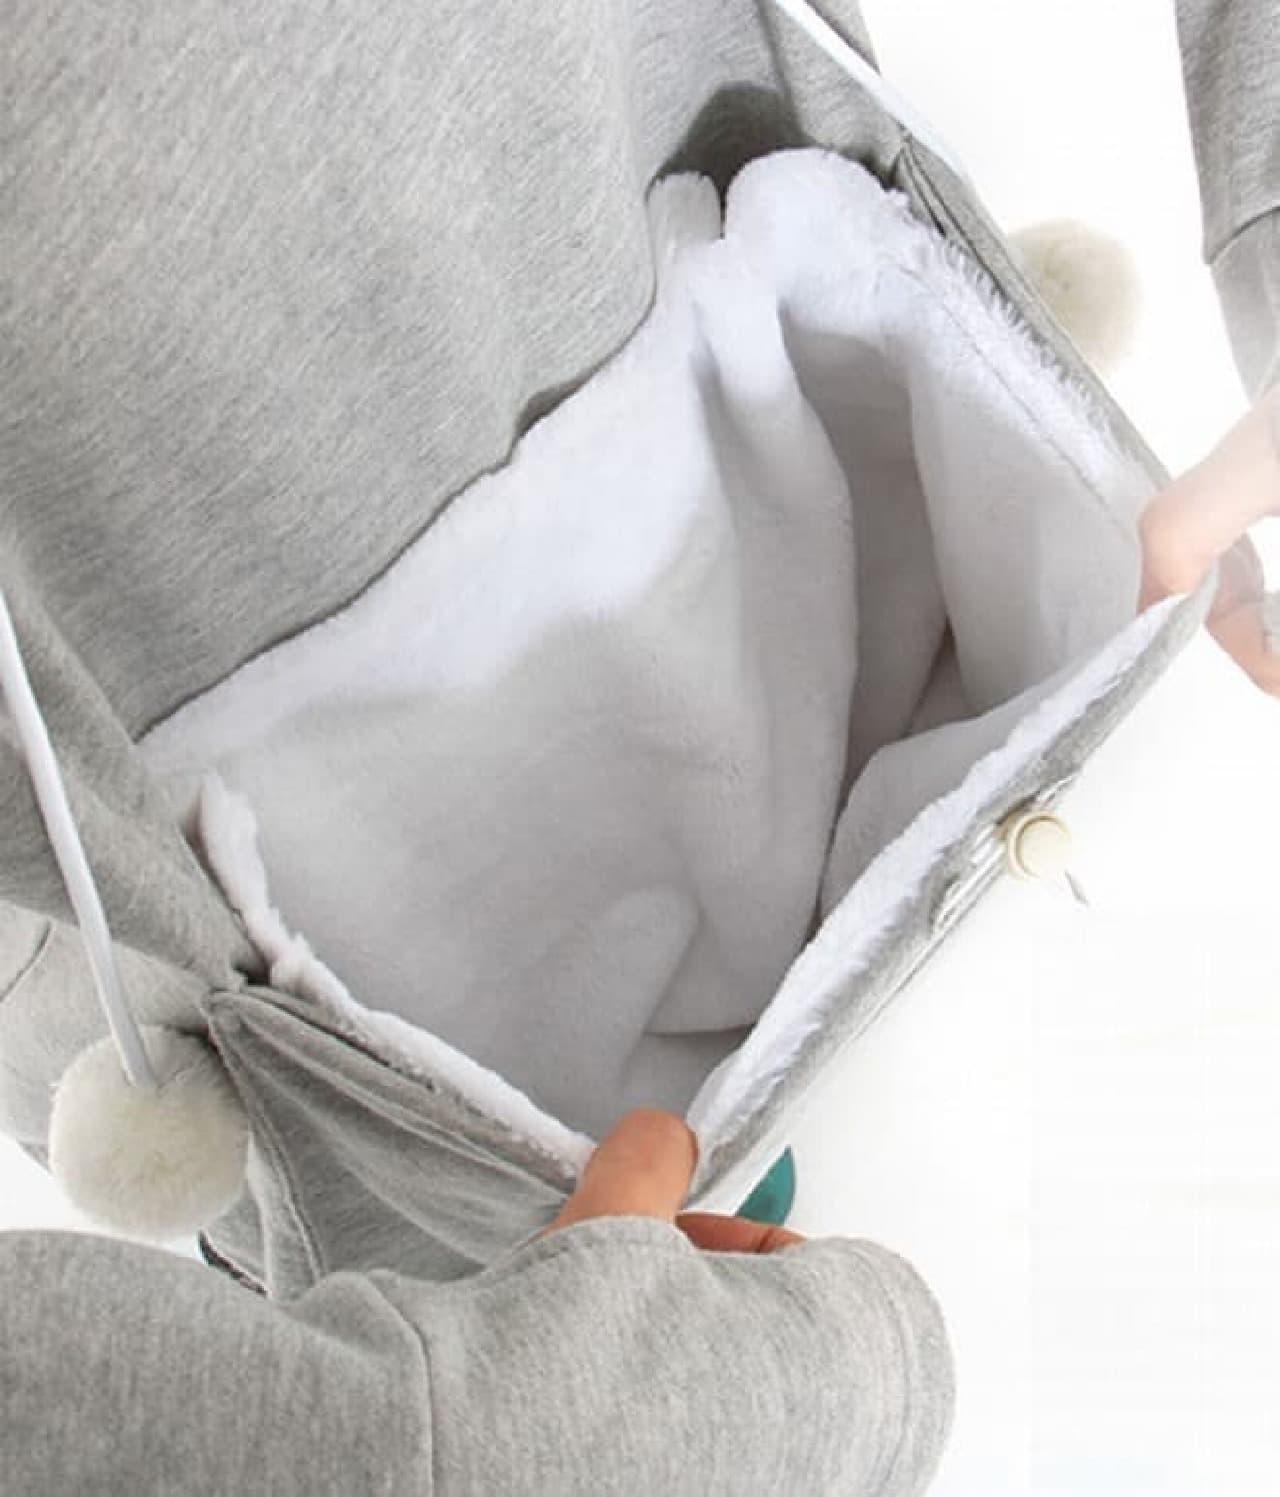 「にゃんガルーパーカー」の猫専用のポケット